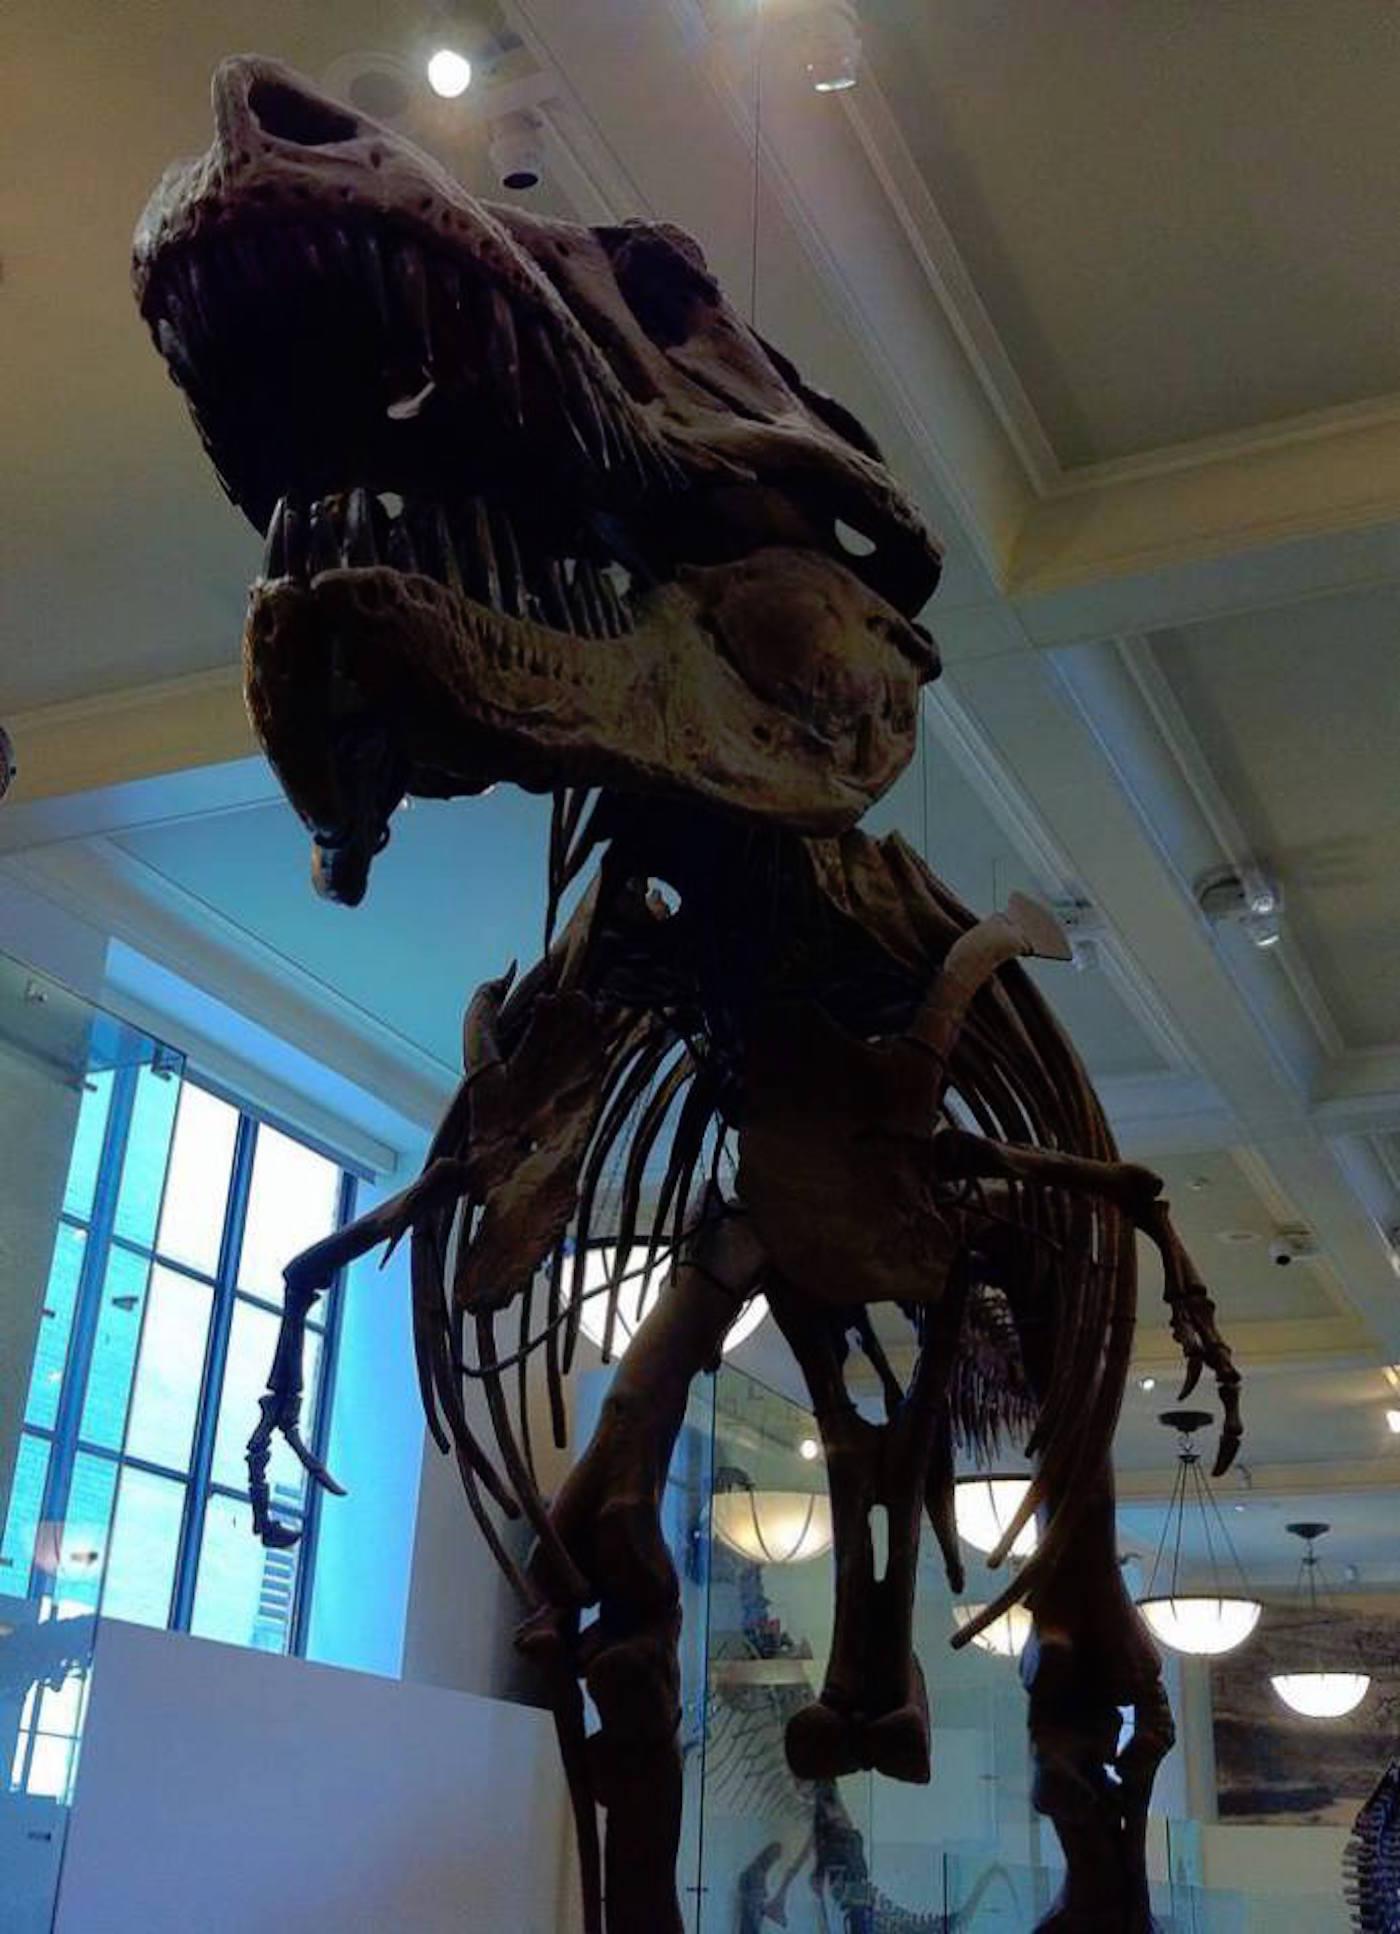 Museo Storia Naturale New York.Visita Il Museo Americano Di Storia Naturale E Dello Spazio New York